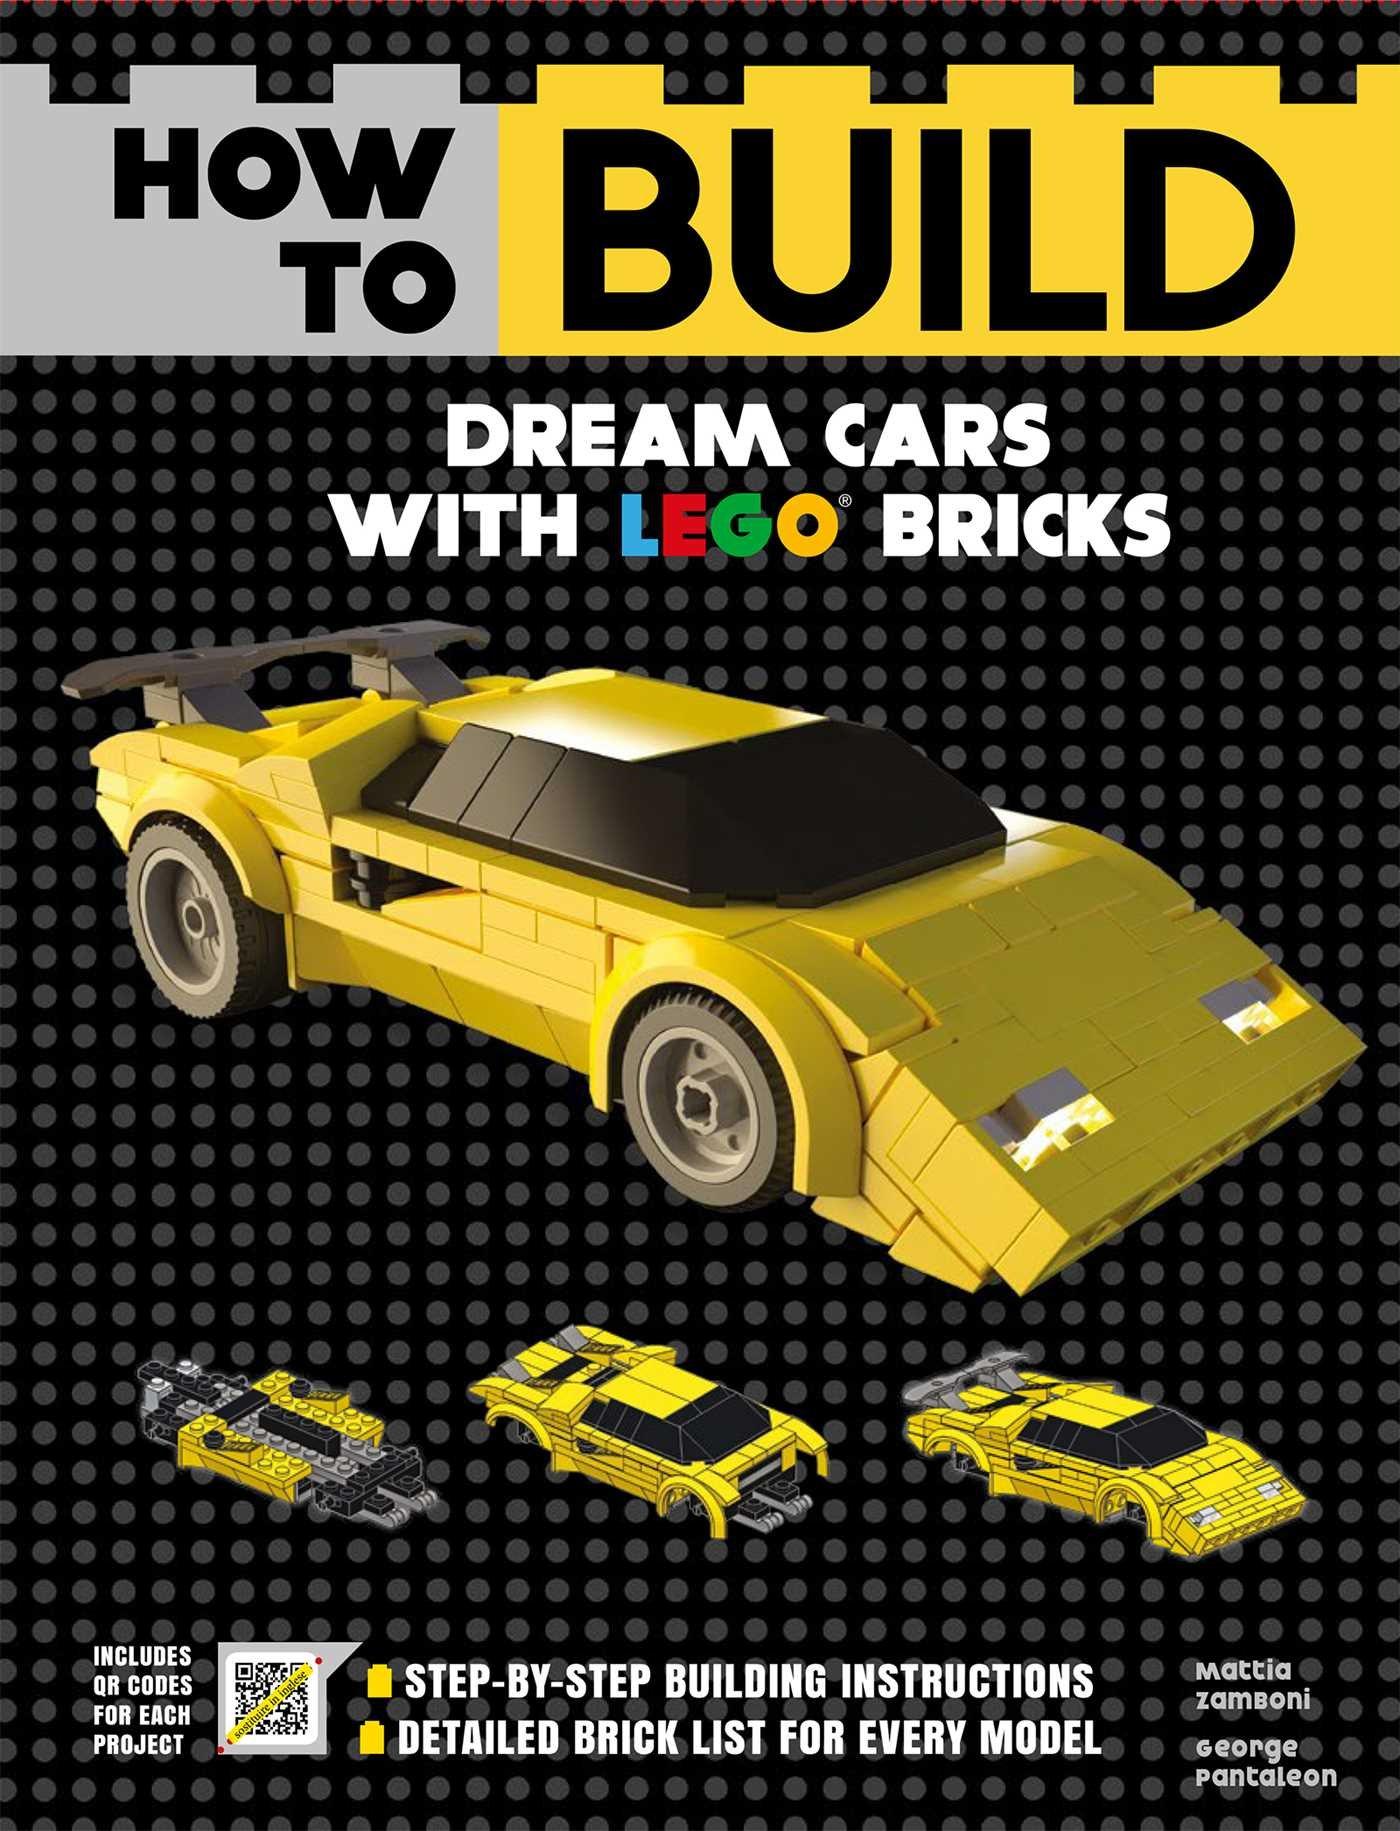 How To Build Dream Cars With Lego Bricks Brickset Lego Set Guide